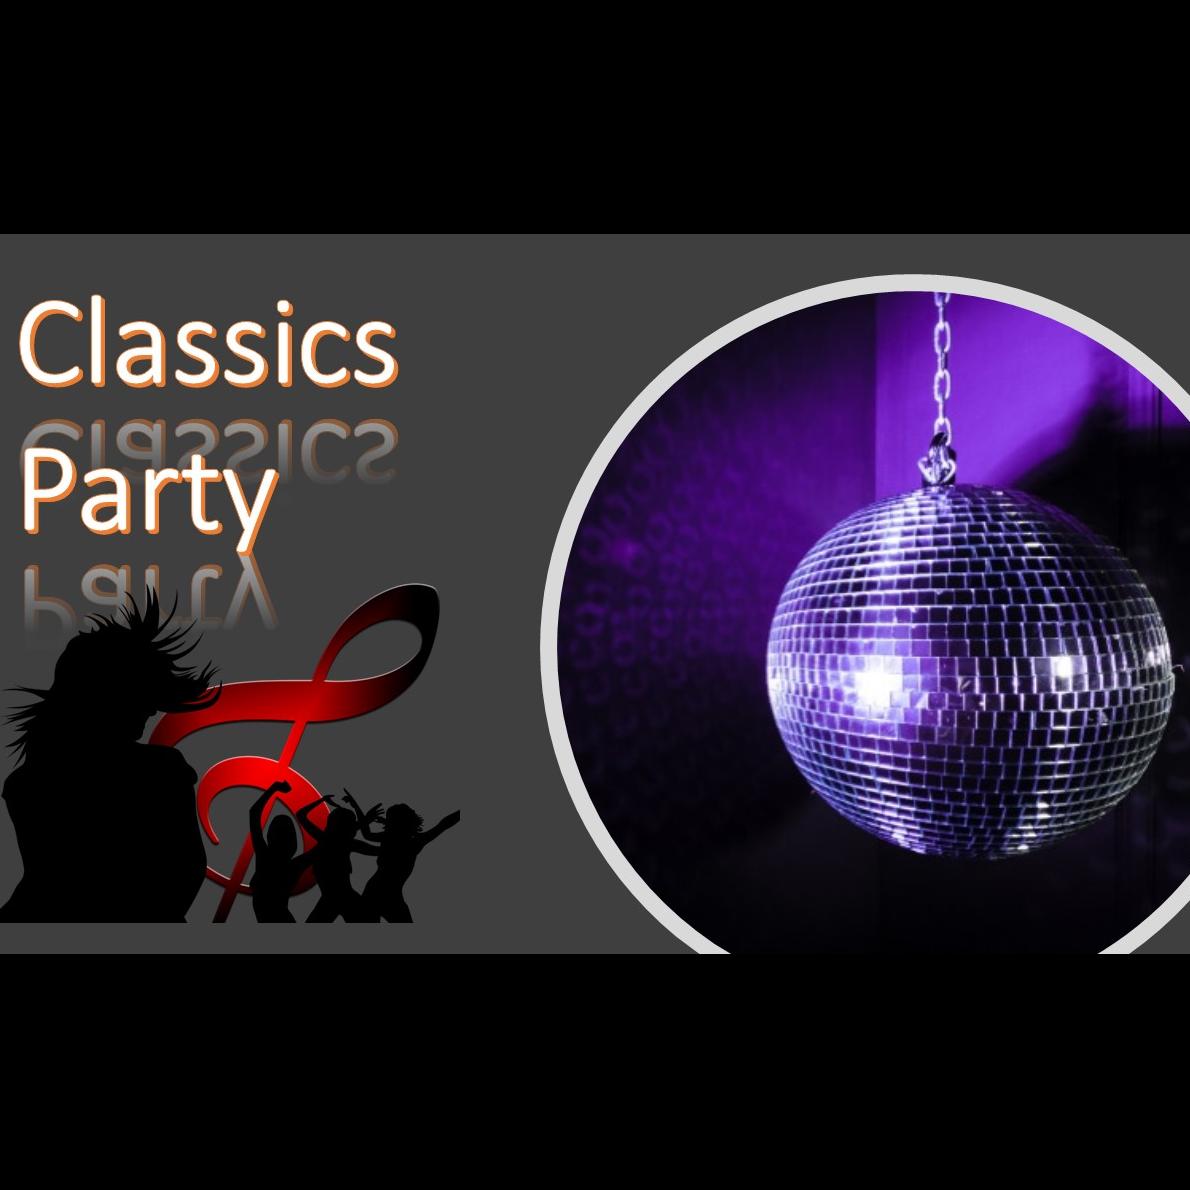 Classics Party